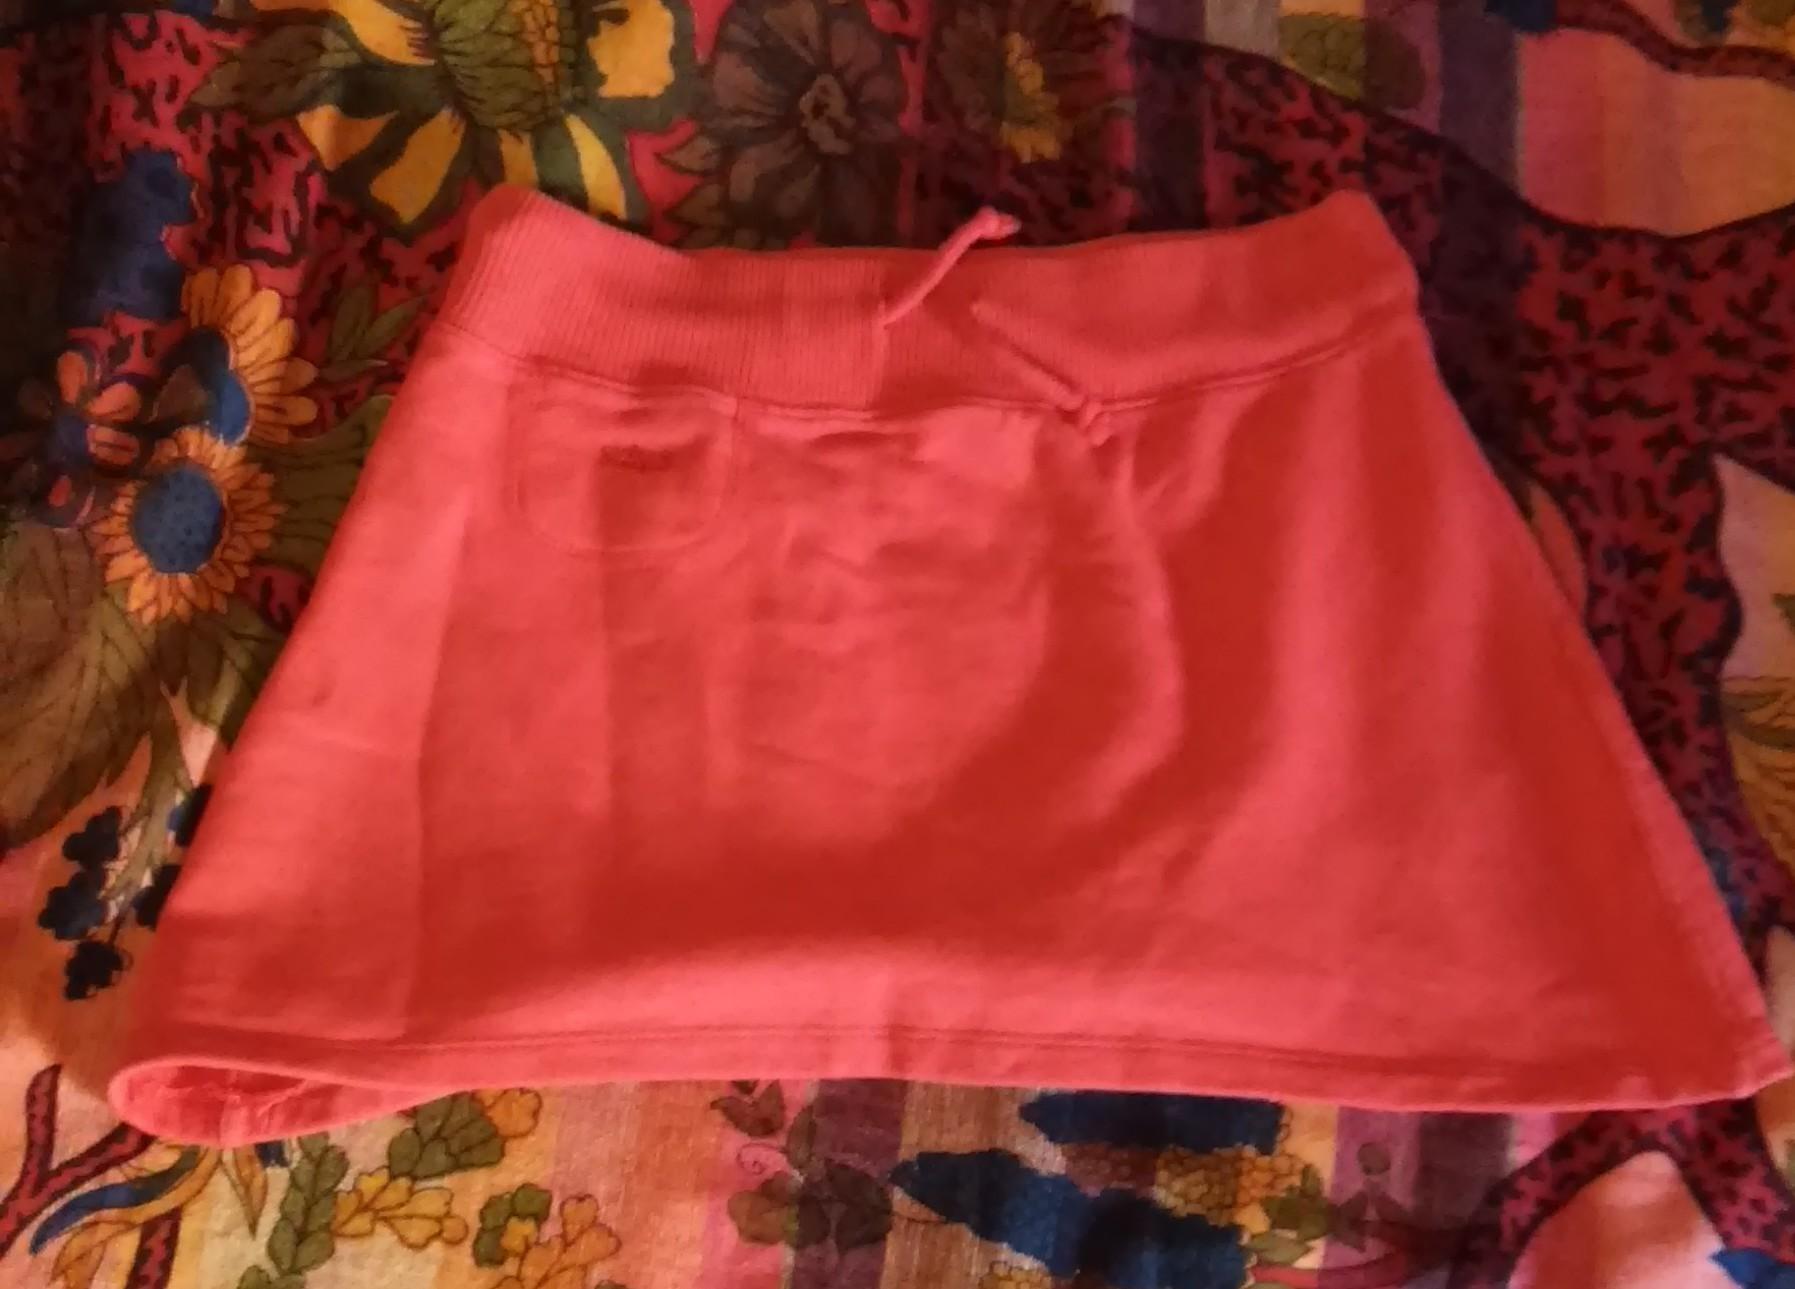 Falda roja deportiva